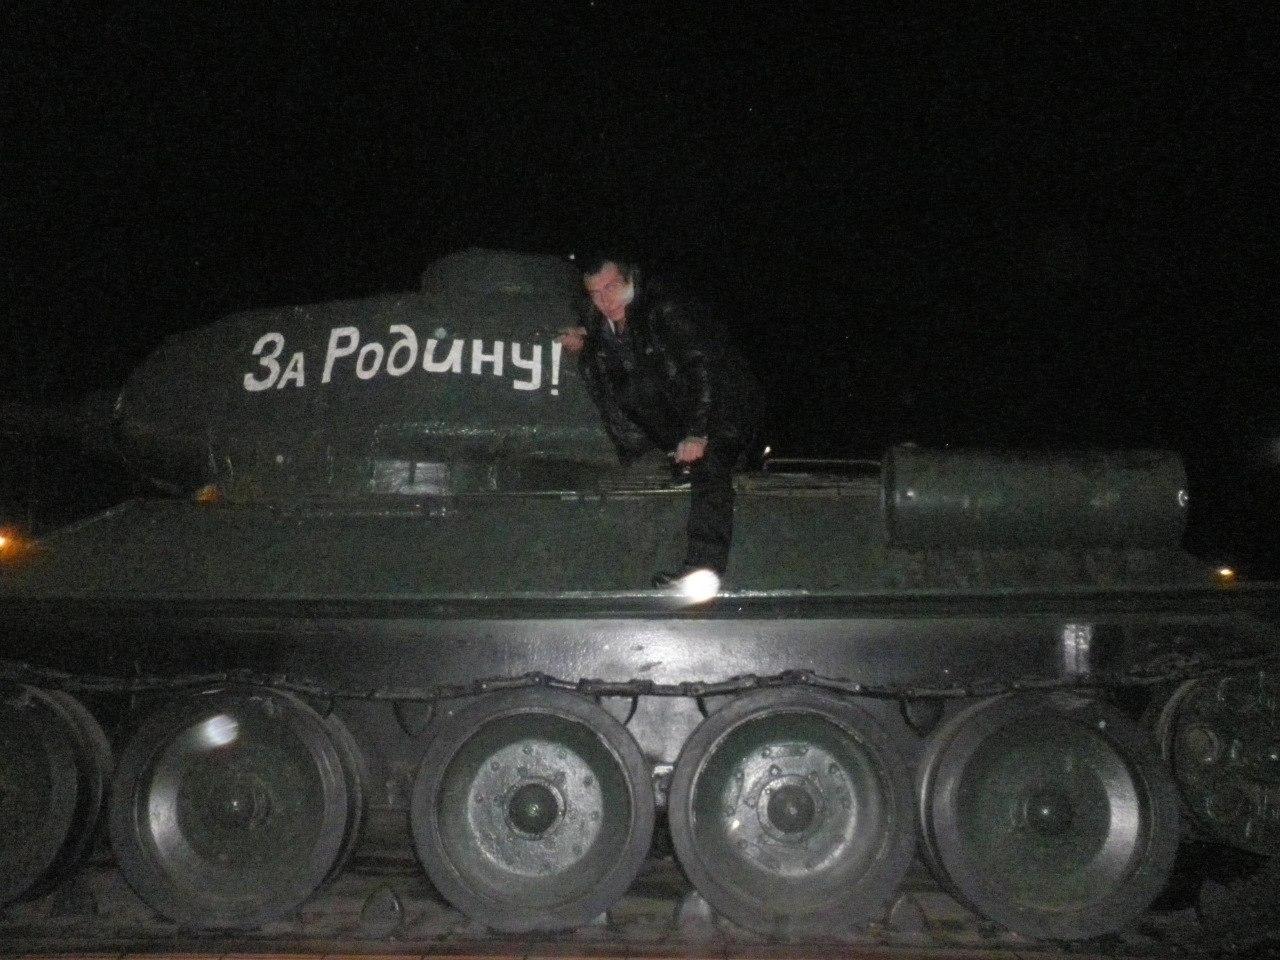 Демон Перов, Красноярск - фото №9